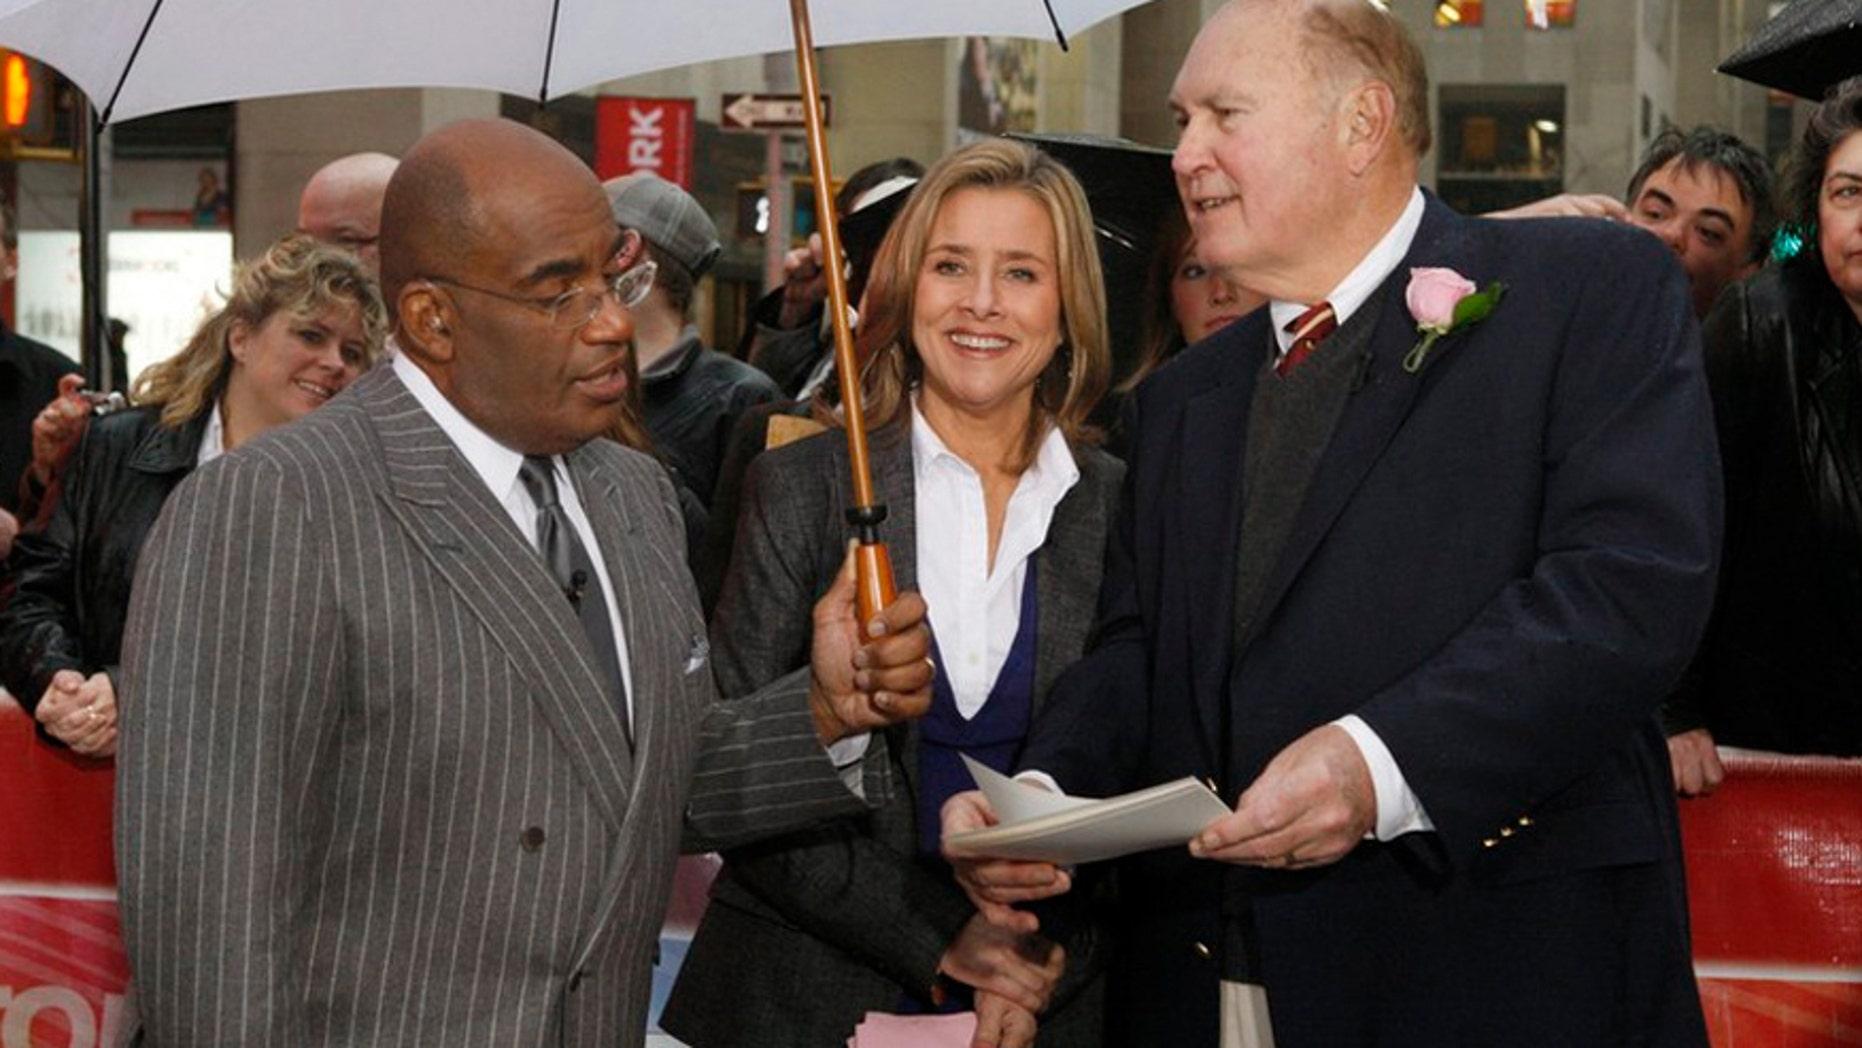 Pictured: (l-r) Al Roker, Meredith Vieira and Willard Scott.